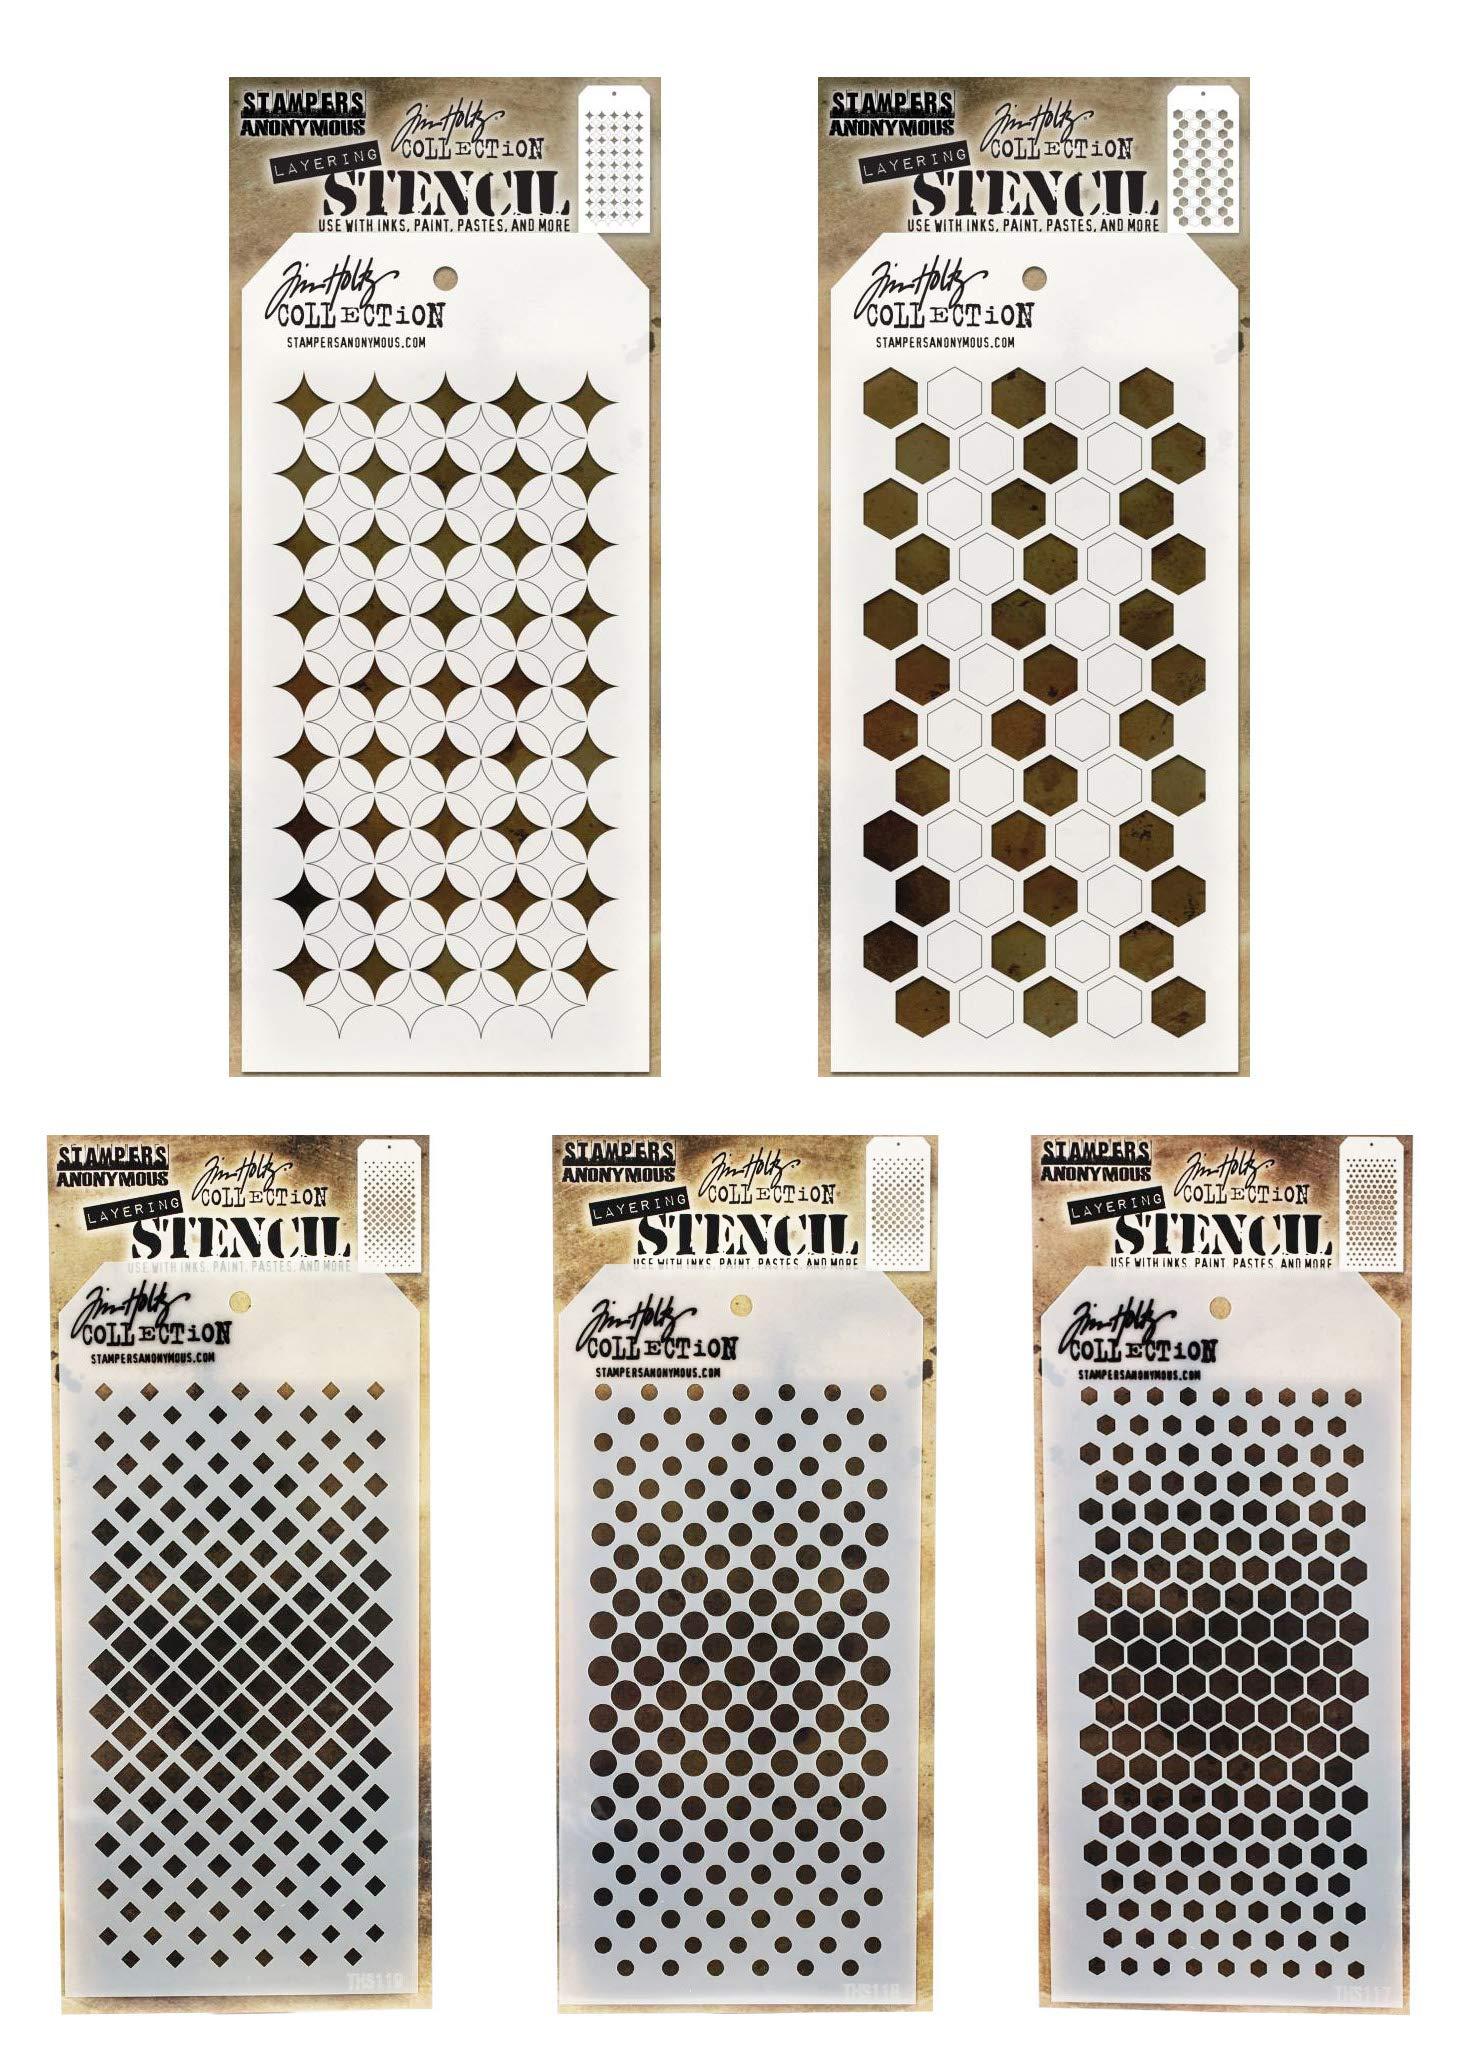 Tim Holtz - Stencils Set 18 - Five Item Bundle - Shifter Burst, Shifter Hex, Gradient Hex, Gradient Square, Gradient Dot